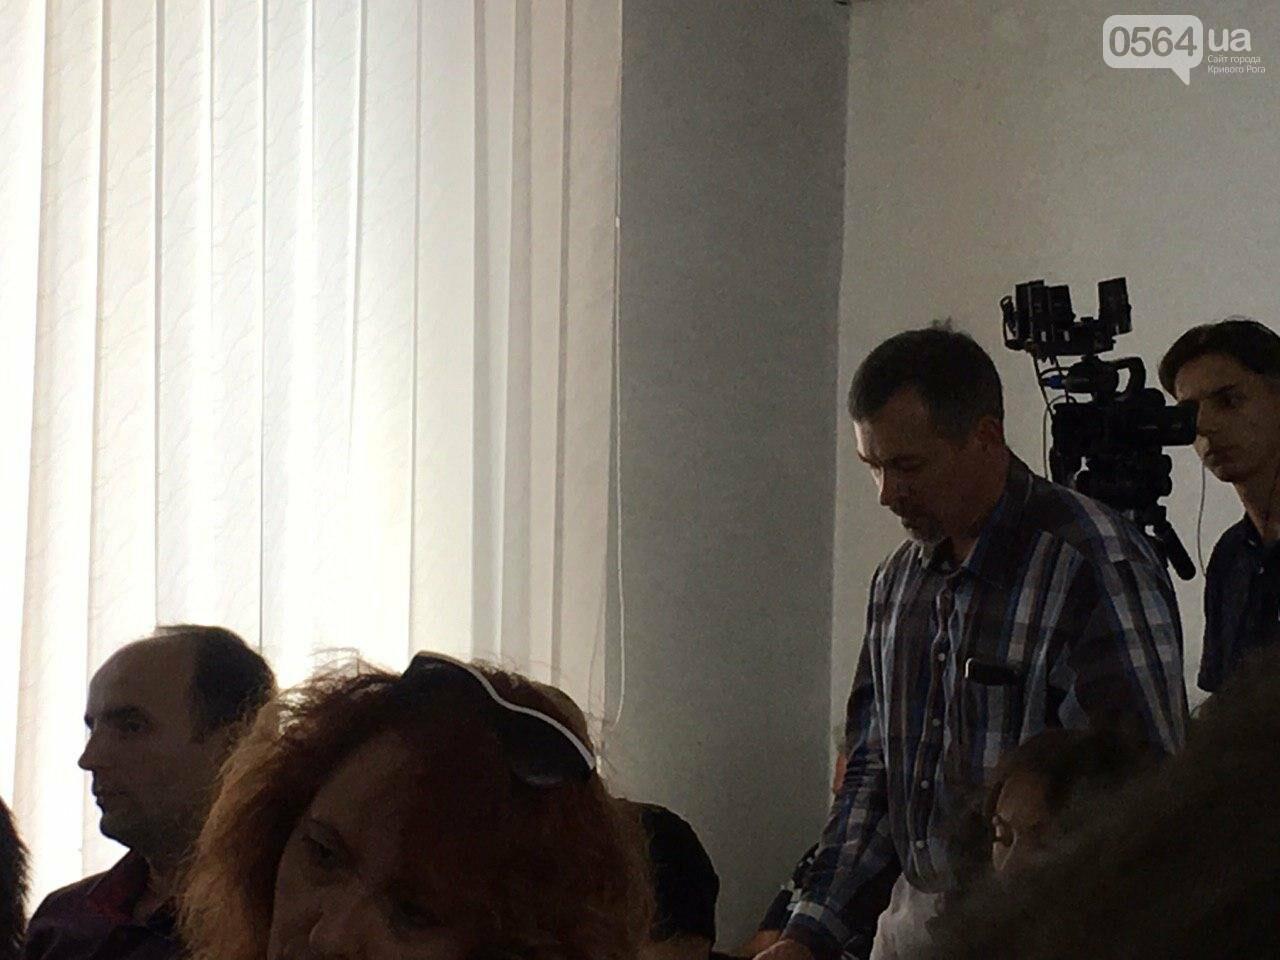 Криворожское КП пытается подготовится к отопительному сезону, несмотря на долг в полмиллиарда, - ФОТО , фото-30